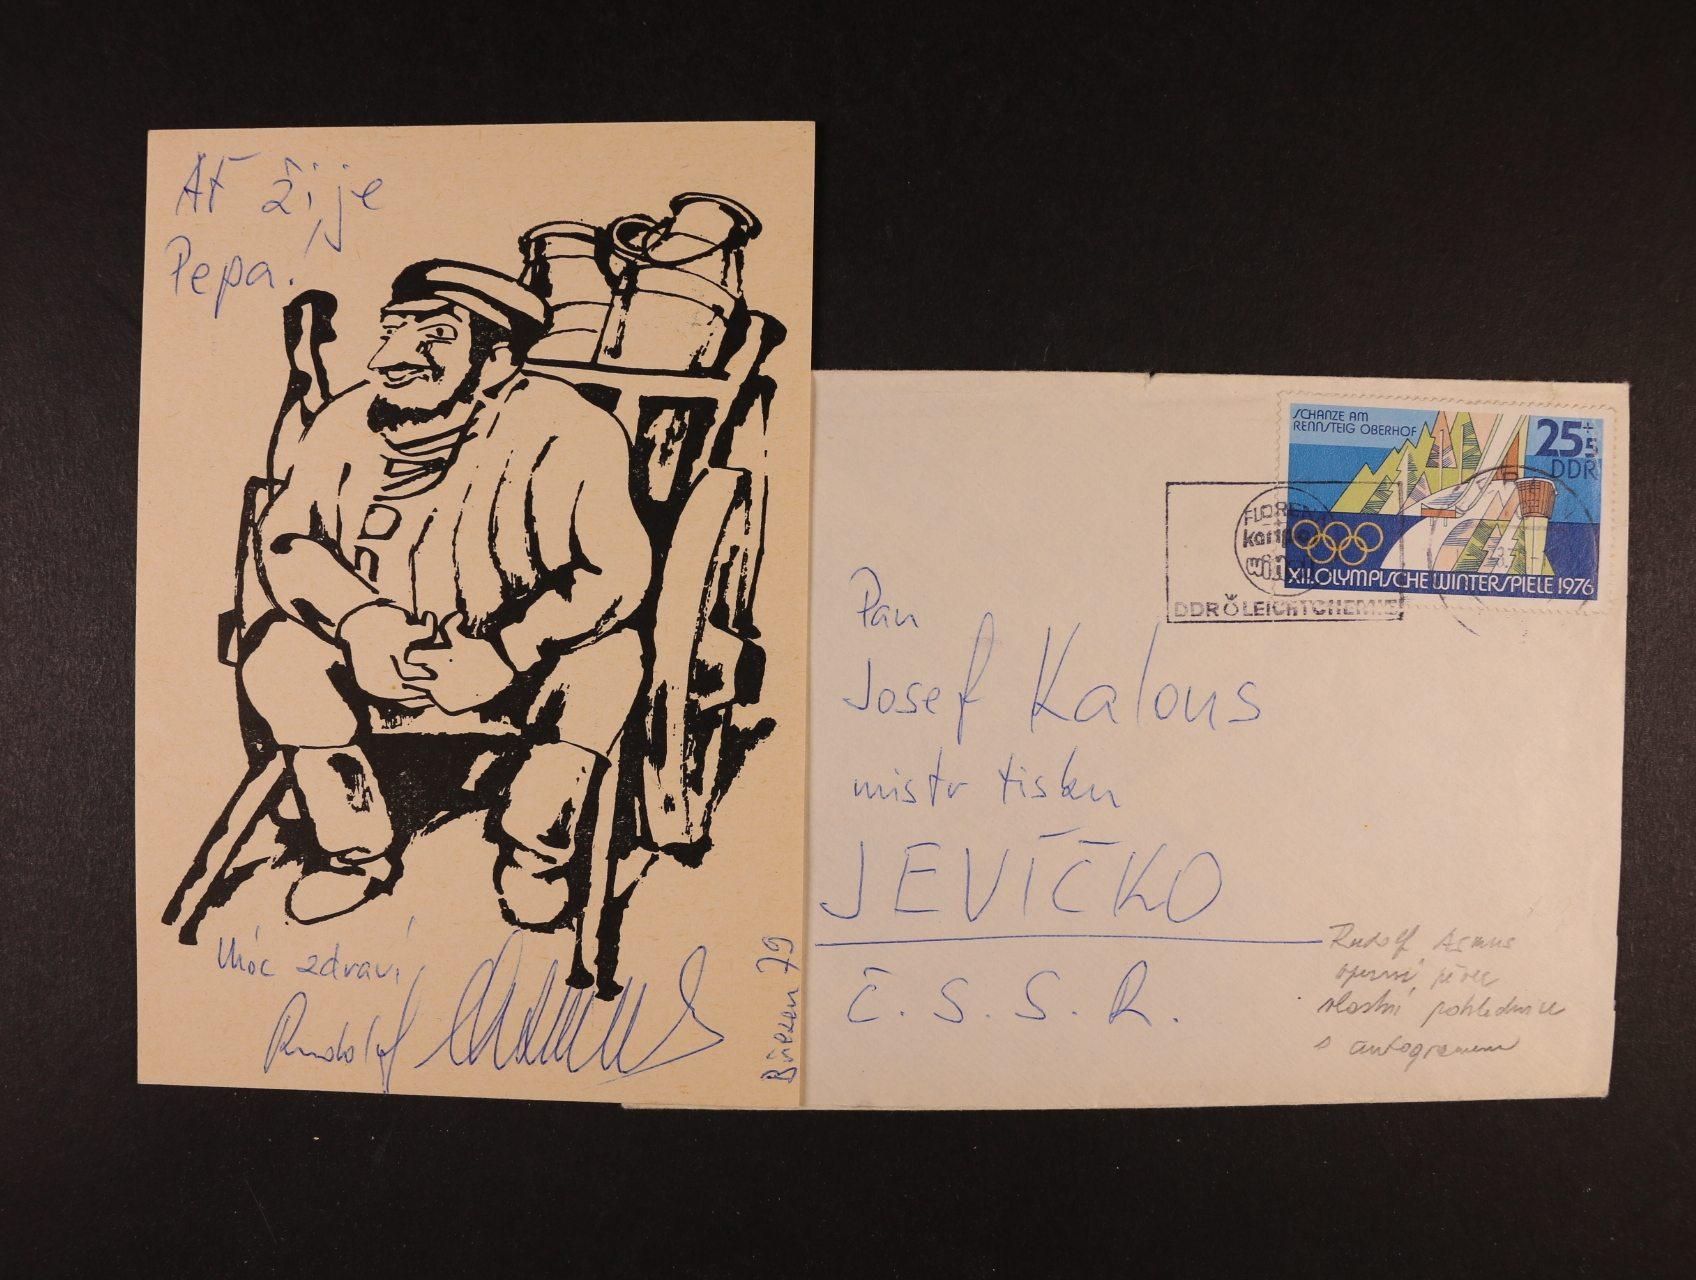 Asmus Rudolf, operní pěvec - karikaturní pohlednice s vlastnoručním podpisem z března 1979